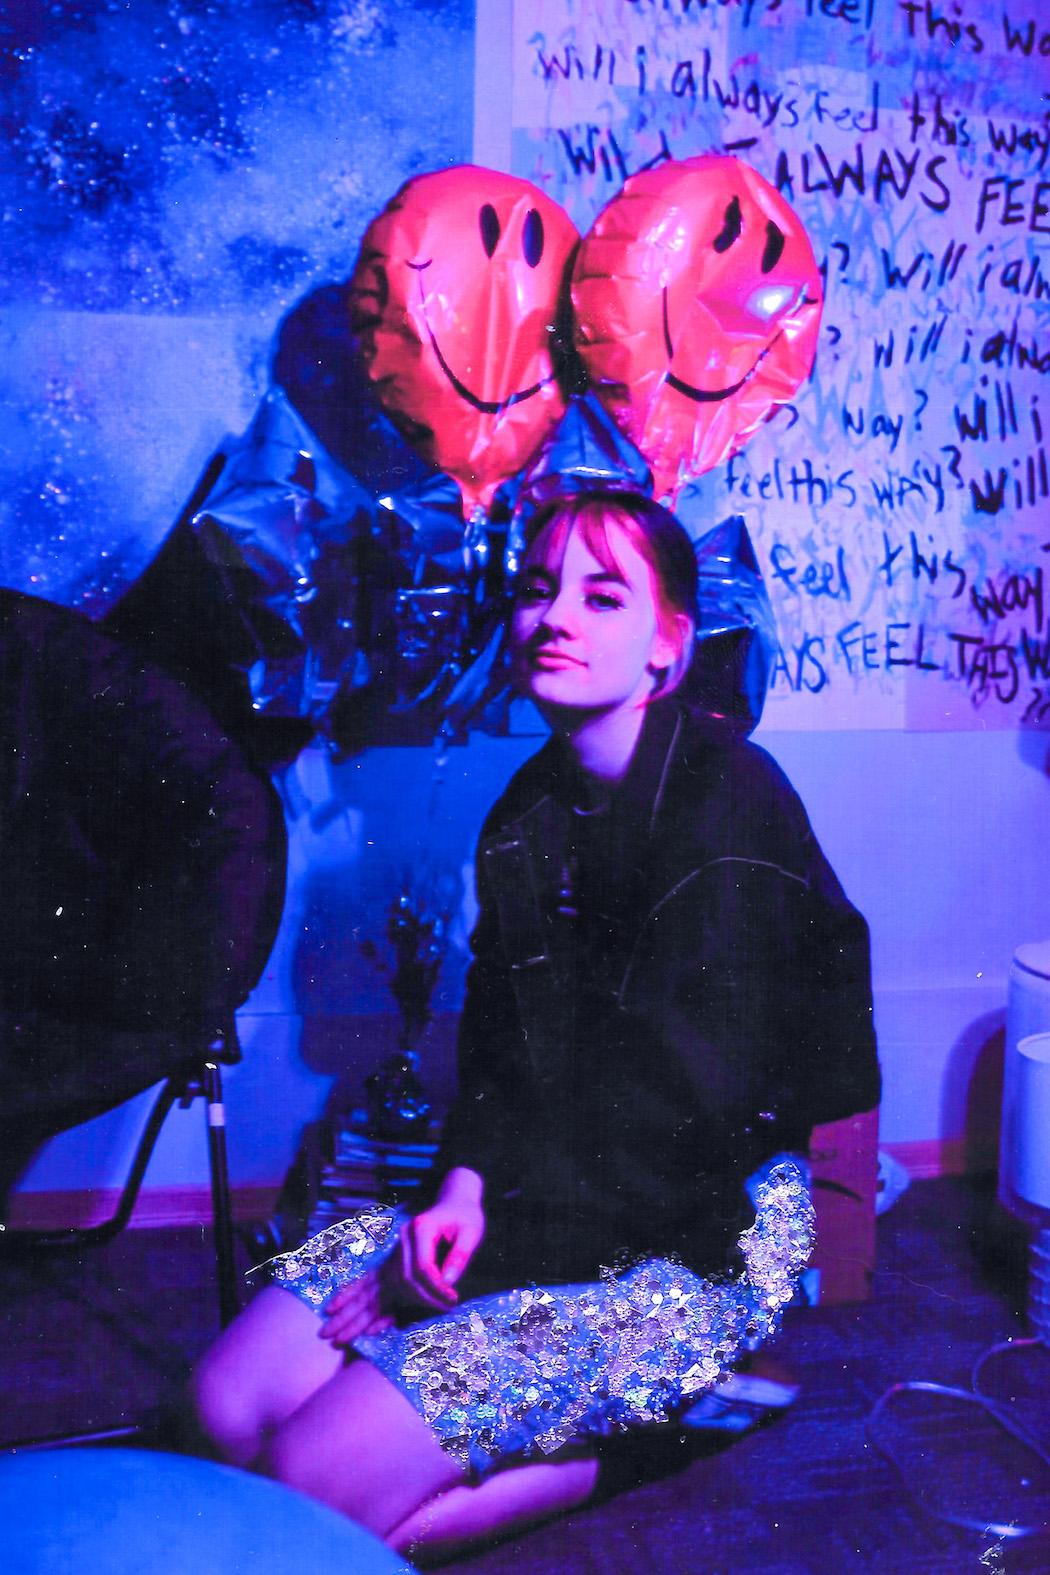 CANNXN © Julie Lopez-Acosta